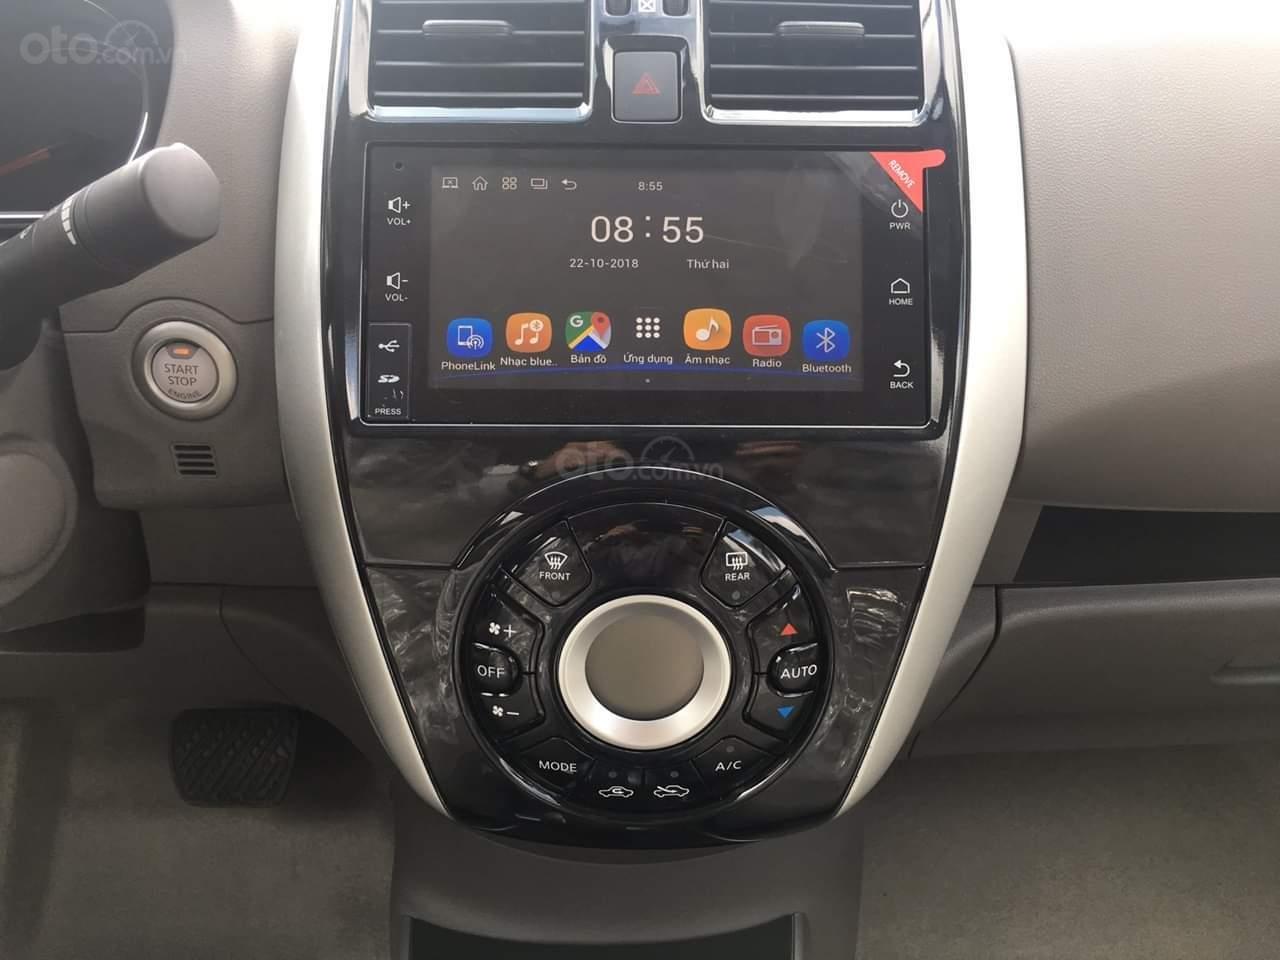 Cần bán xe Nissan Sunny XT/XL/XQ năm sản xuất 2019-1